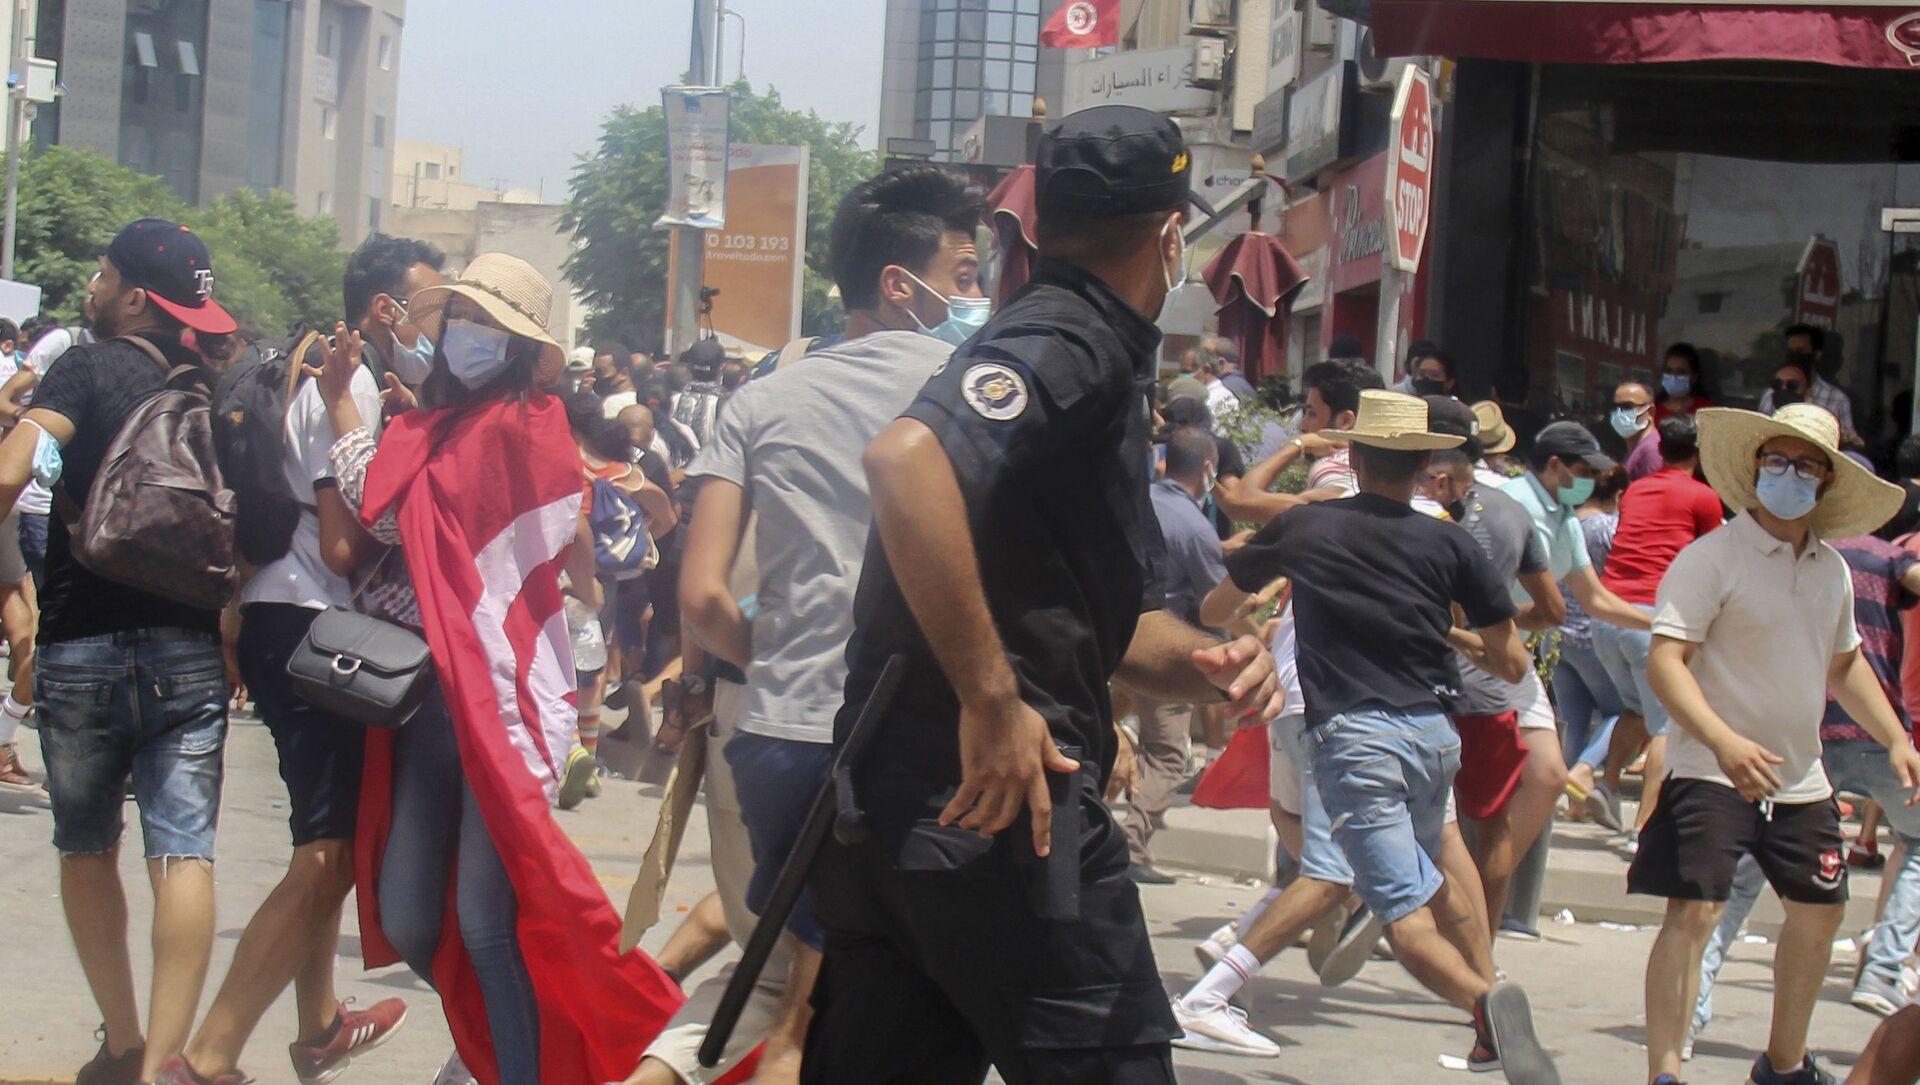 Tunus - Polis - Darbe - Güvenlik Güçleri - Protesto - Sputnik Türkiye, 1920, 26.07.2021